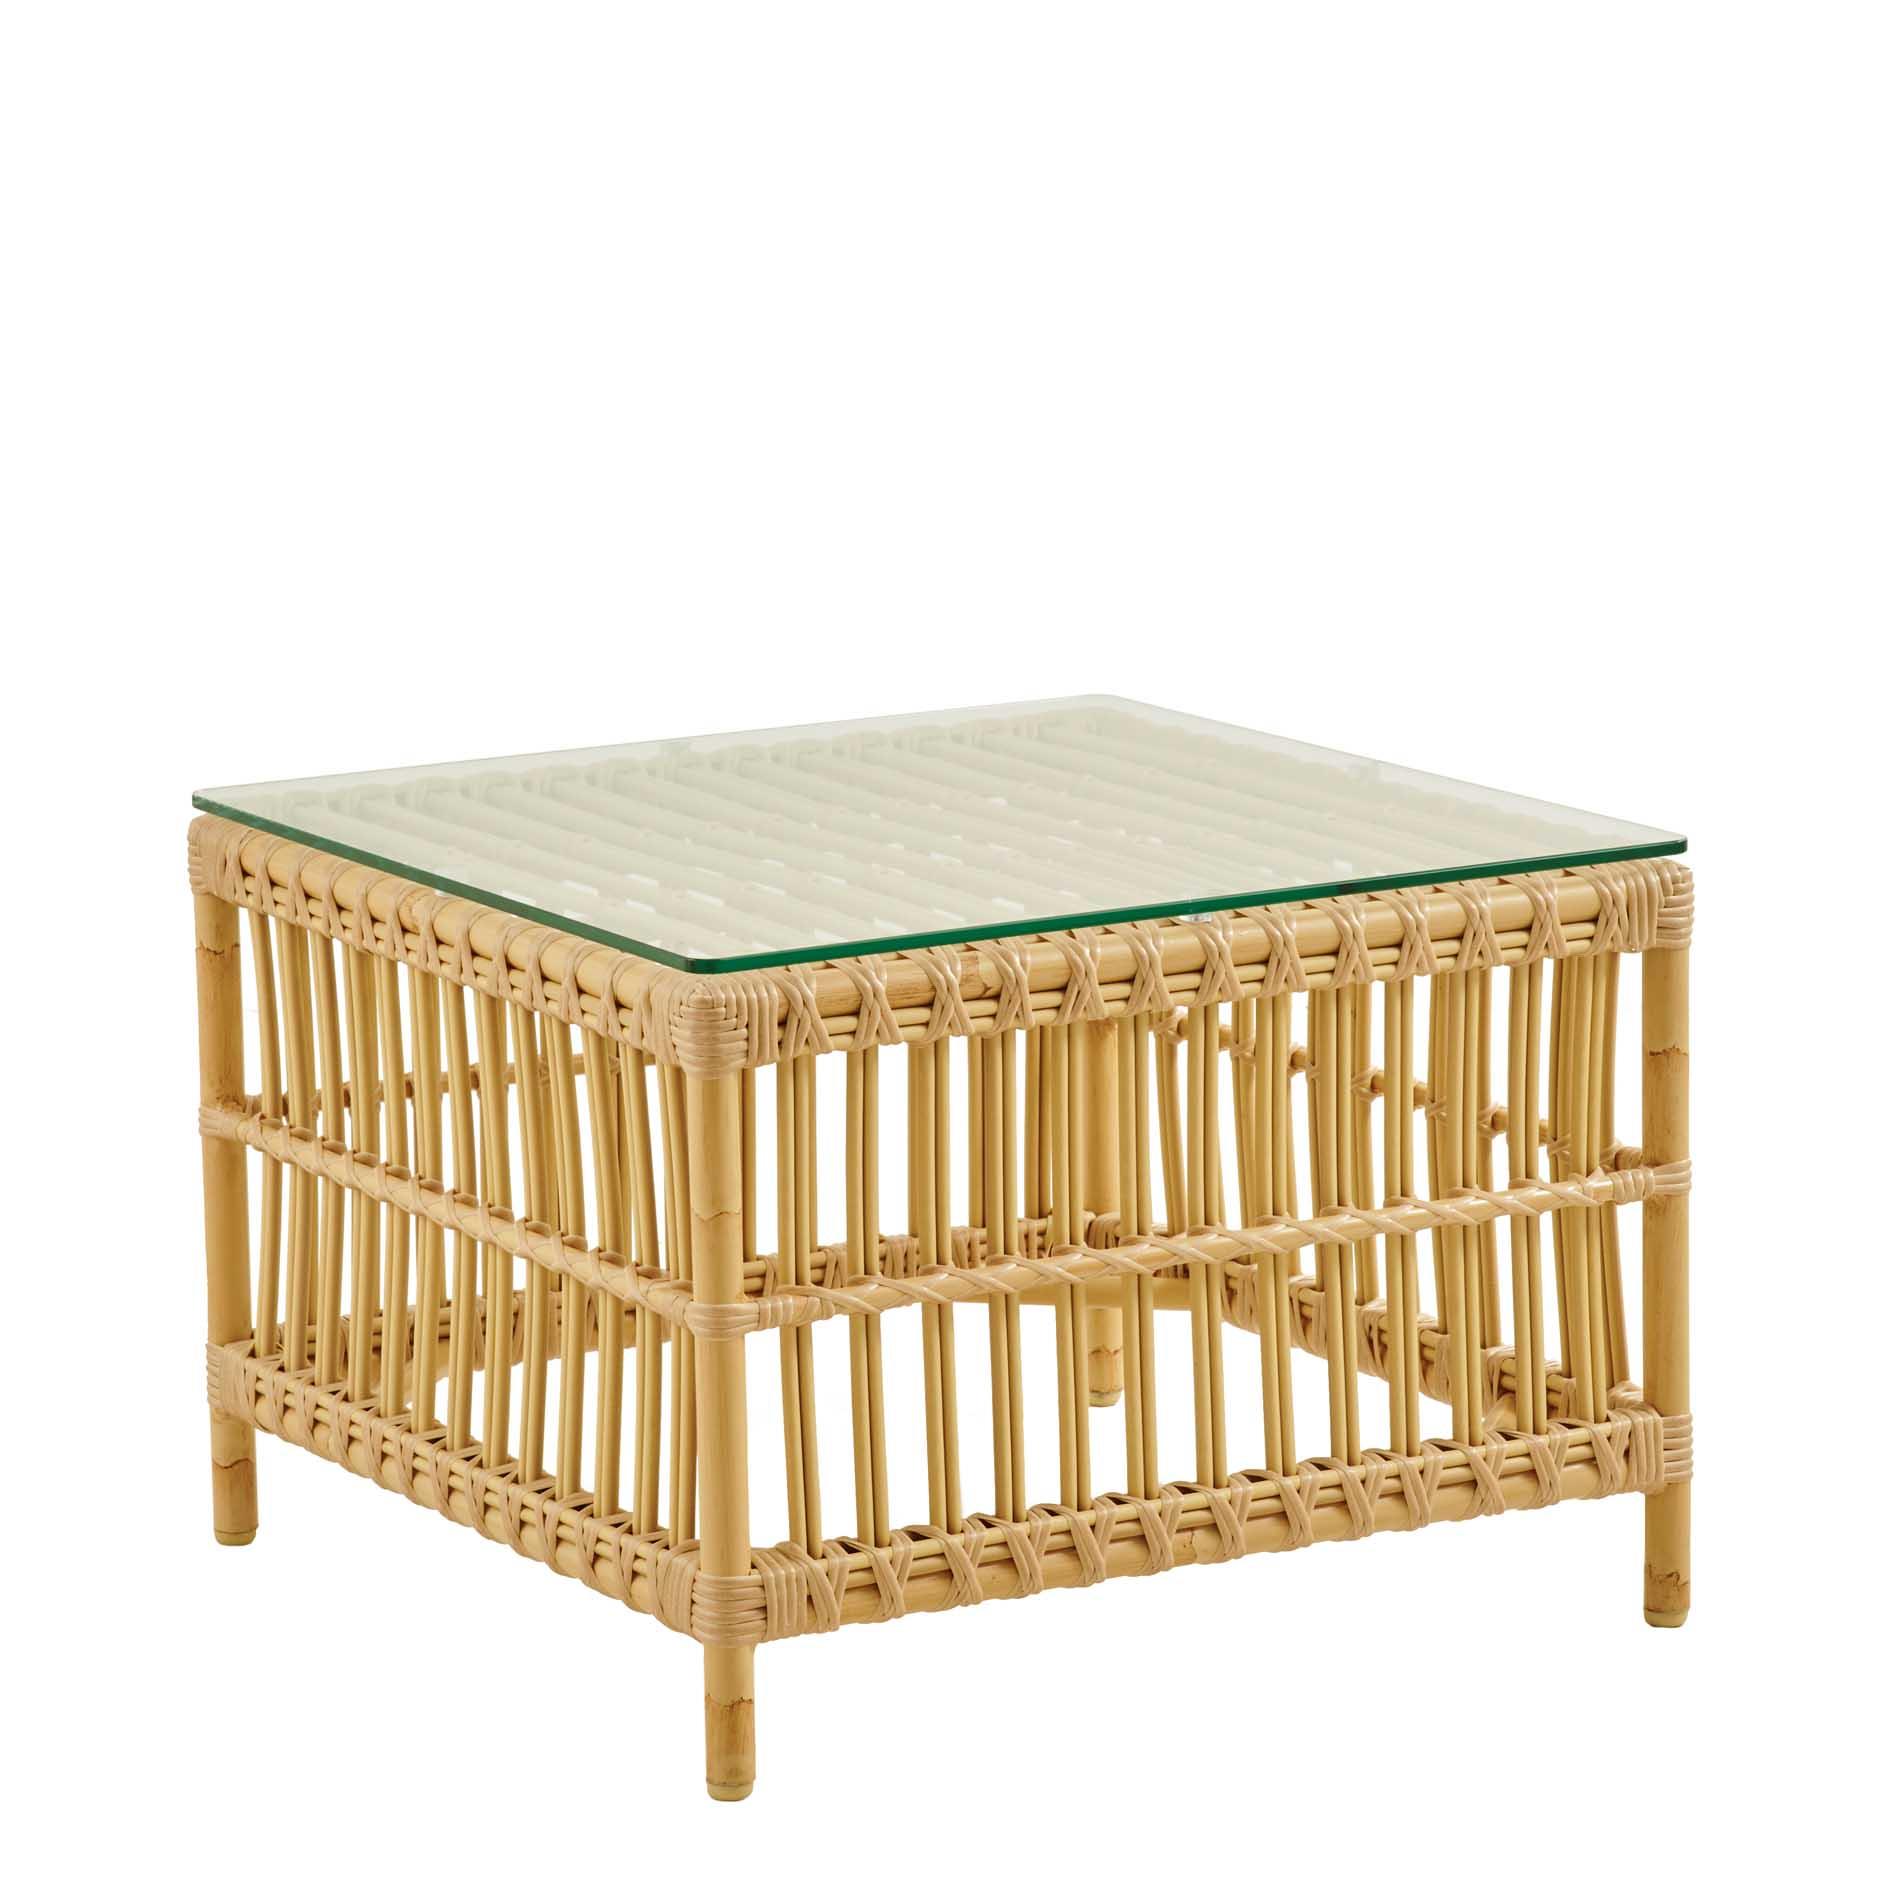 Table basse carrée en alu et fibre synthétique aspect rotin